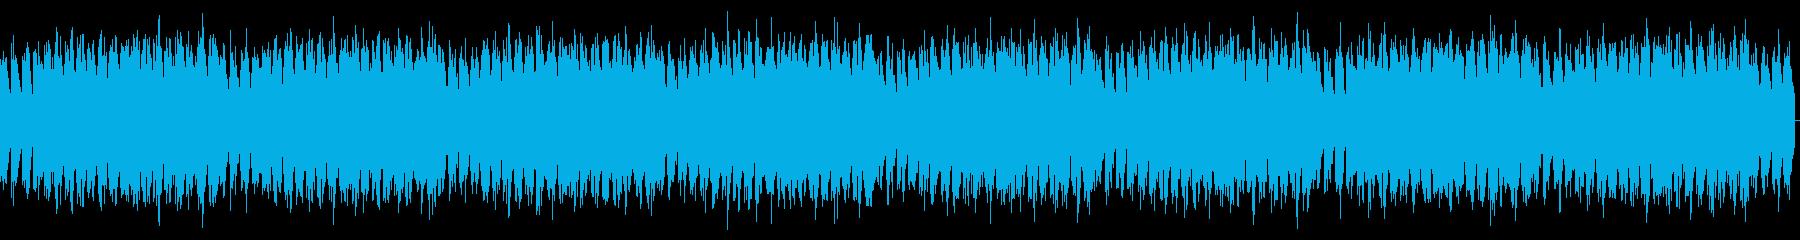 エレクトリックピアノ、おしゃれの再生済みの波形